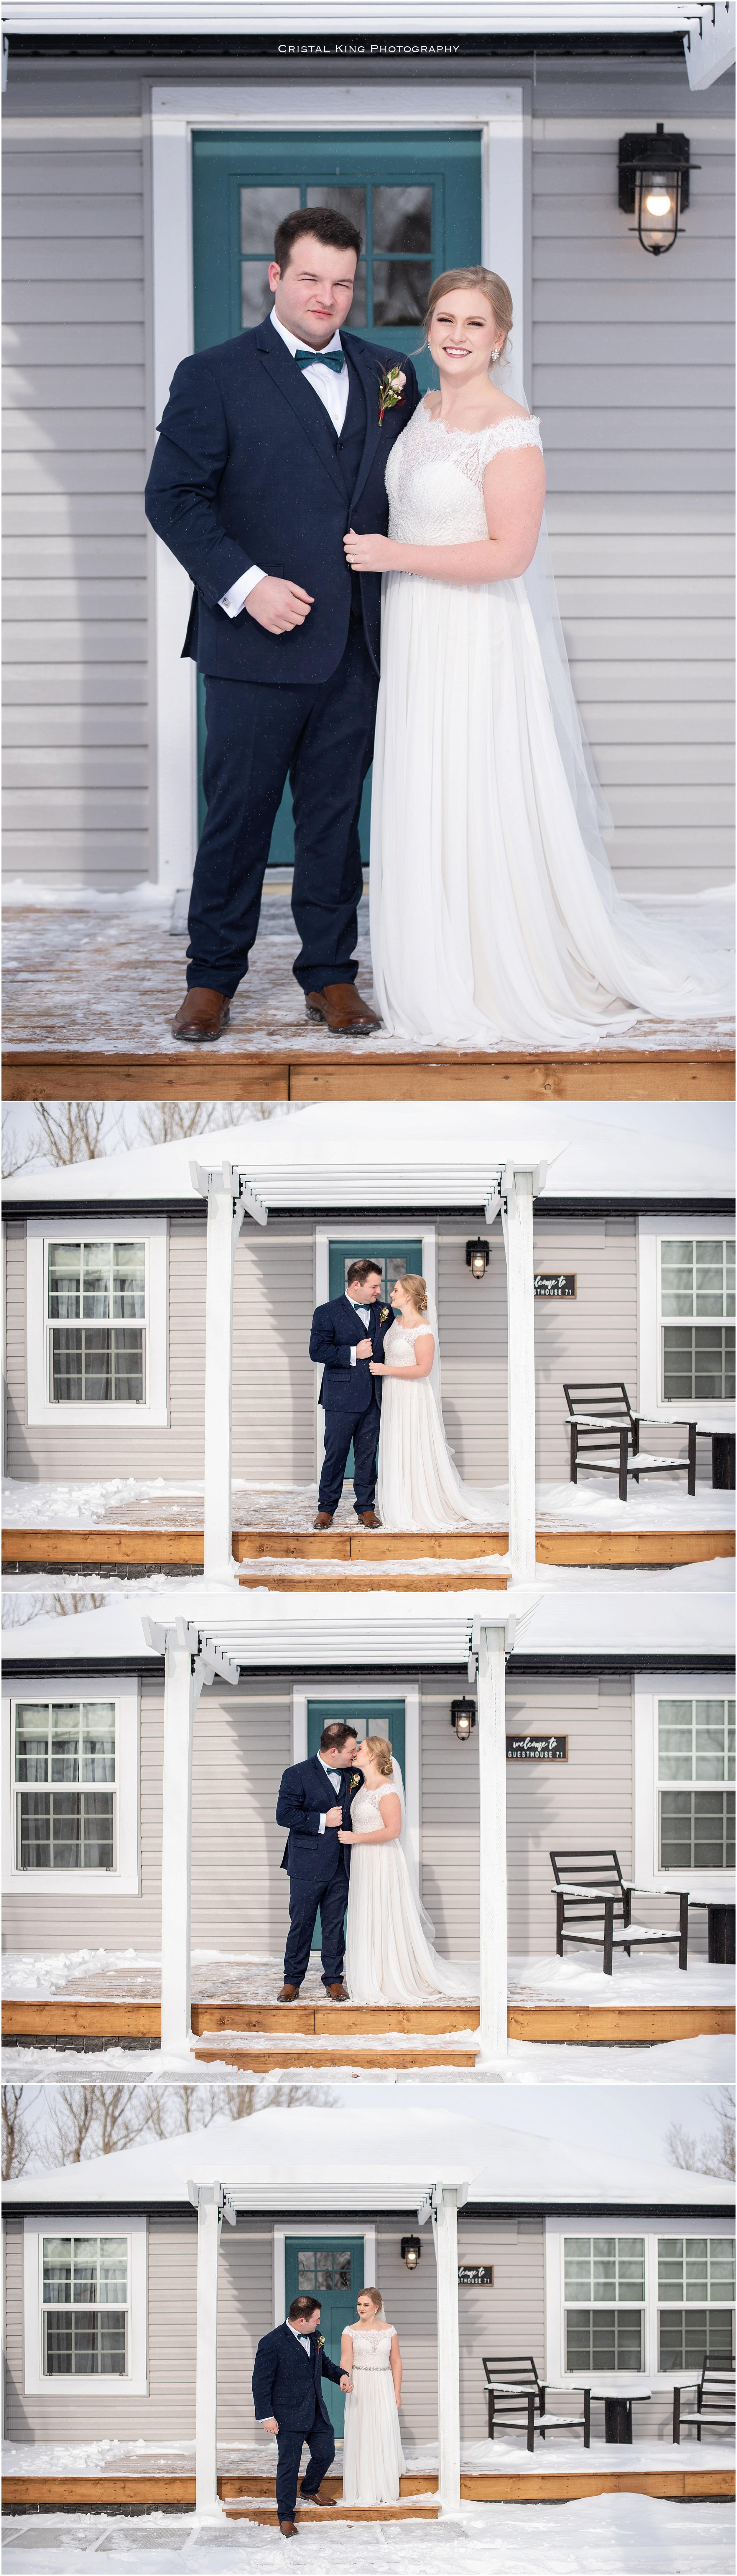 Amanda-Maxs-Wedding-1122.jpg